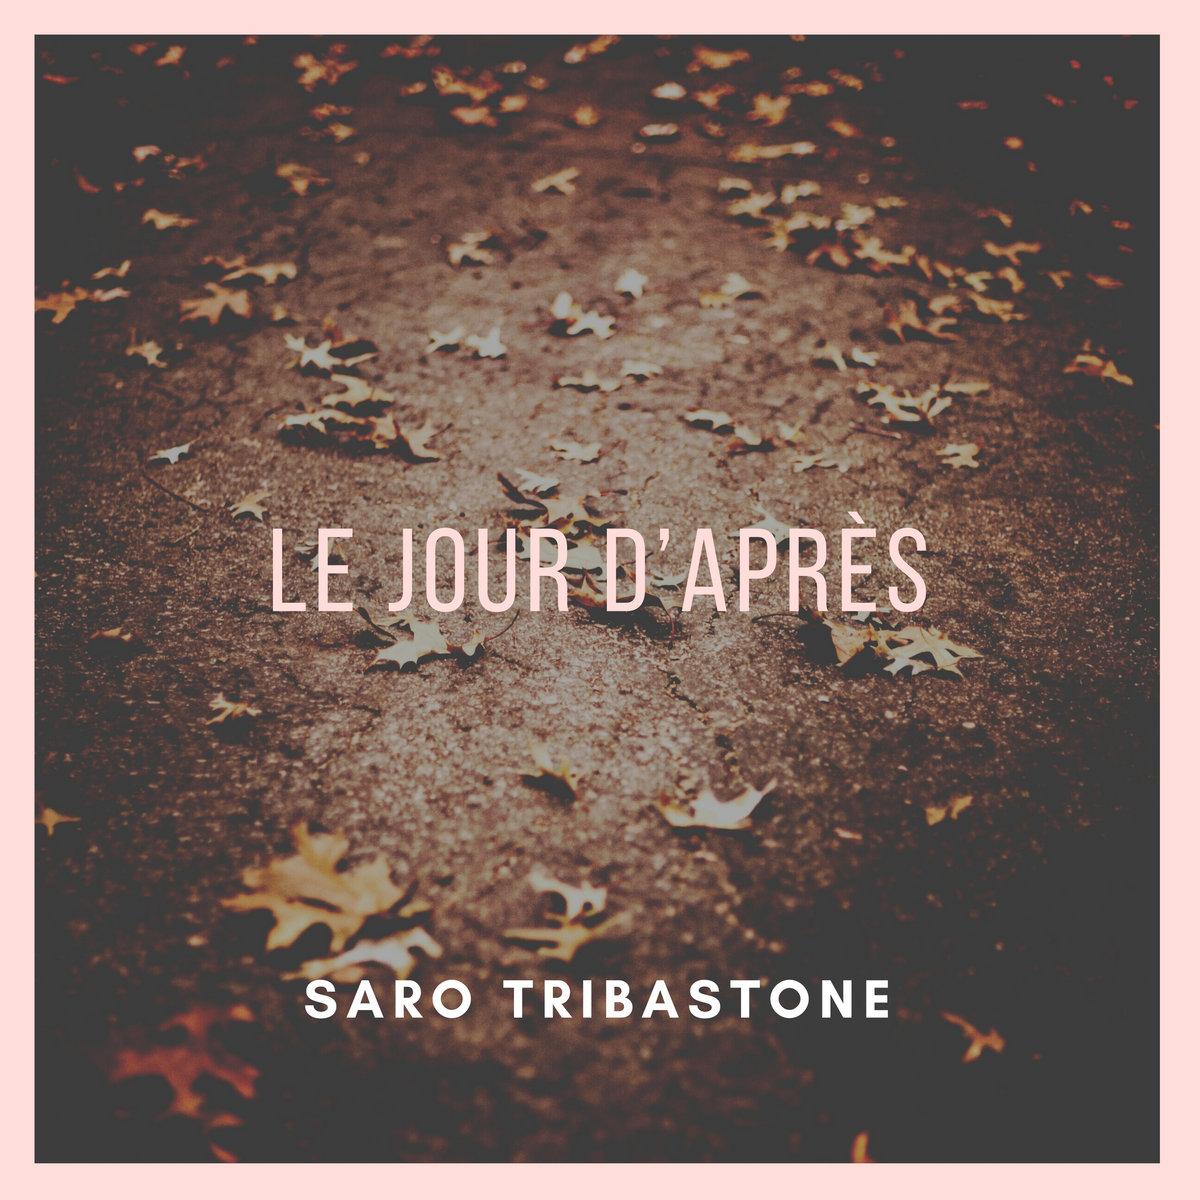 Le jour d'après by Saro Tribastone